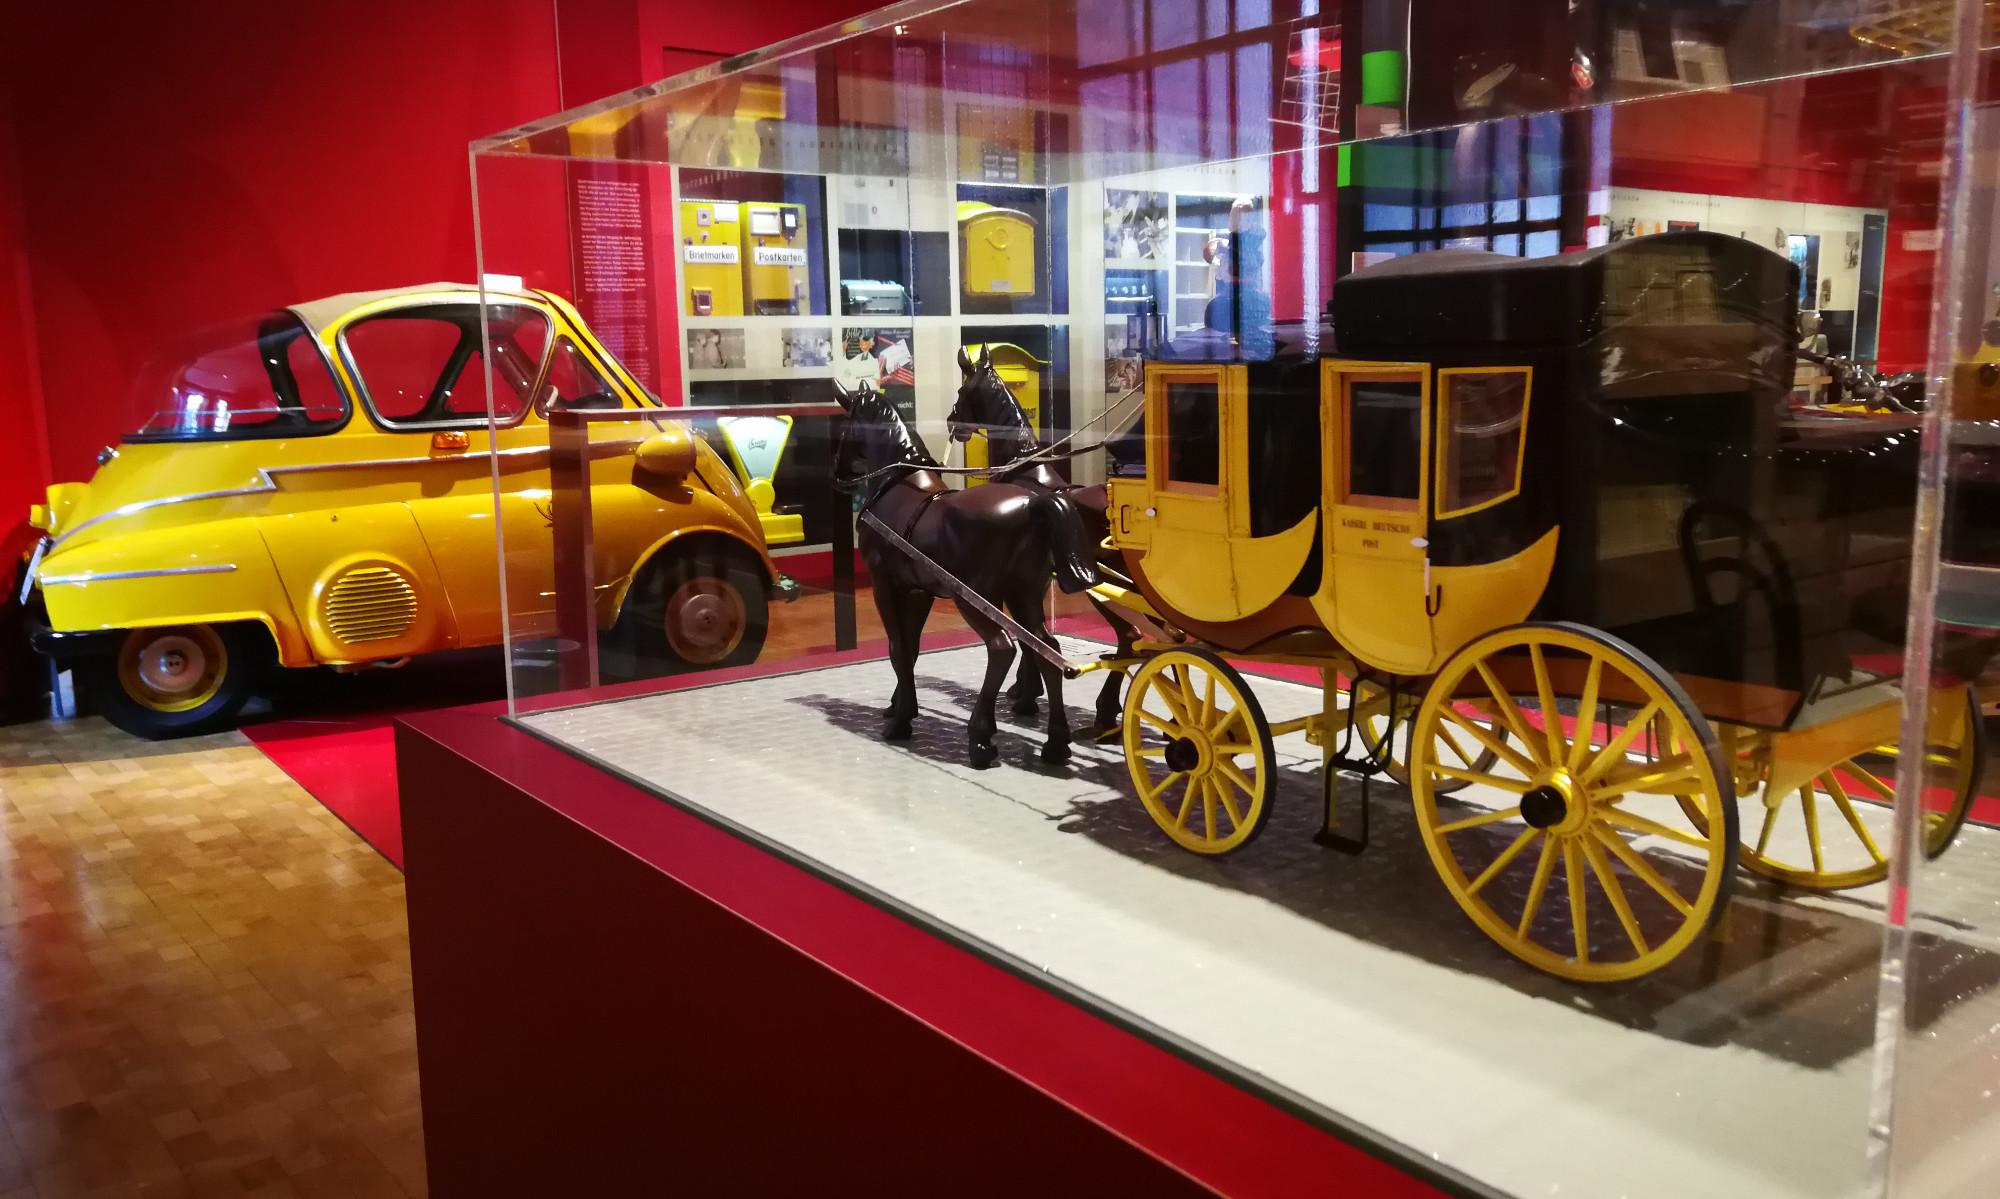 """Verlinkung zur Seite """"Unser Programm"""" Auf dem Bild ist zu sehen: Blick in die Dauerausstellung des Museums für Kommunikation. Im Vordergrund ein Modell der historischen Postkutsche des Typs Berline. Im Hintergrund eine gelbe Original Post-Isetta."""